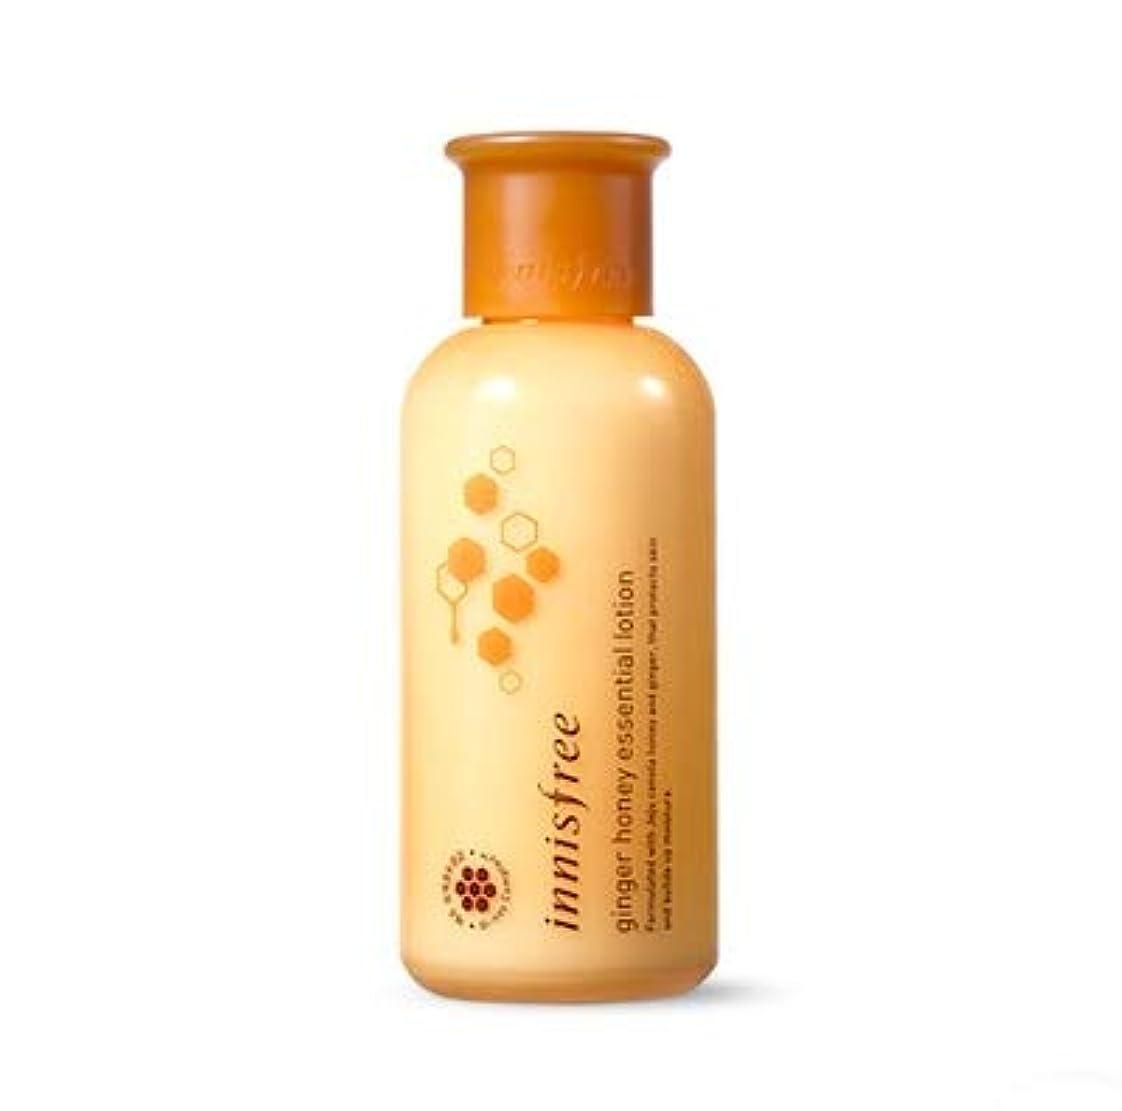 朝ごはんアーティキュレーション維持するINNISFREE Ginger Honey Essential Lotion イニスフリー ジンジャー ハニー エッセンシャル ローション 160ml [並行輸入品]